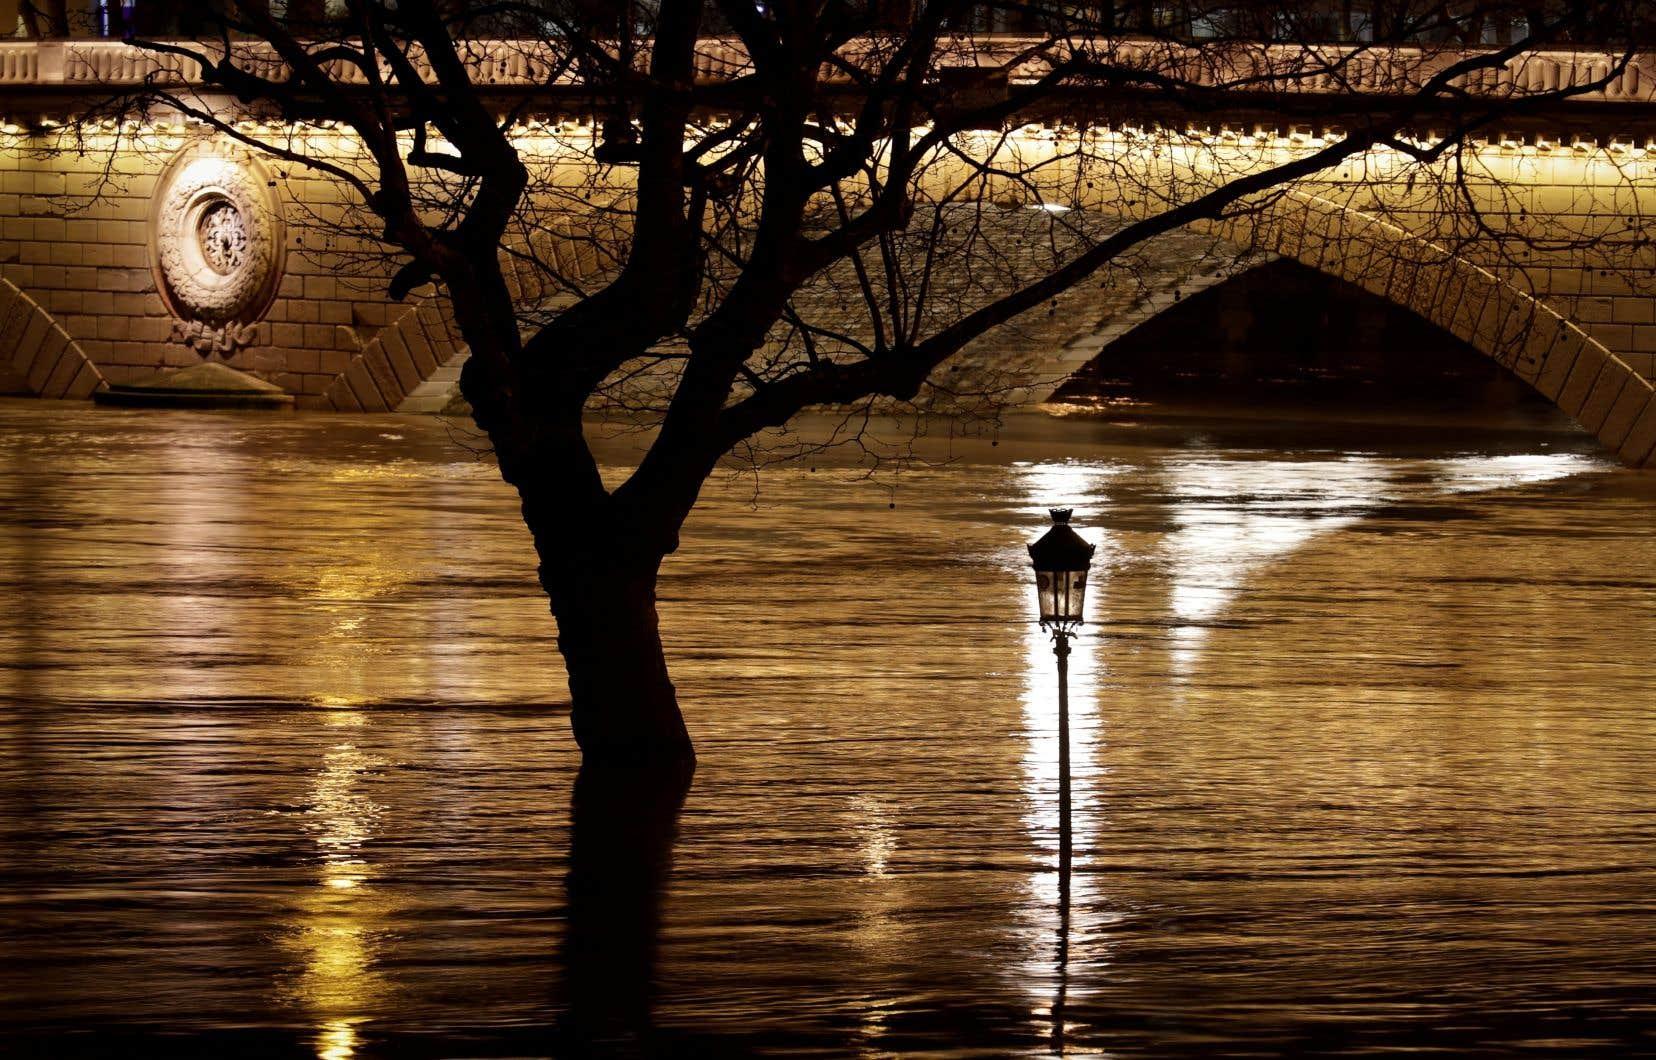 Jeudi matin, le niveau de la Seine atteignait 5,44 m au pont d'Austerlitz à Paris et les conséquences se faisaient déjà sentir.